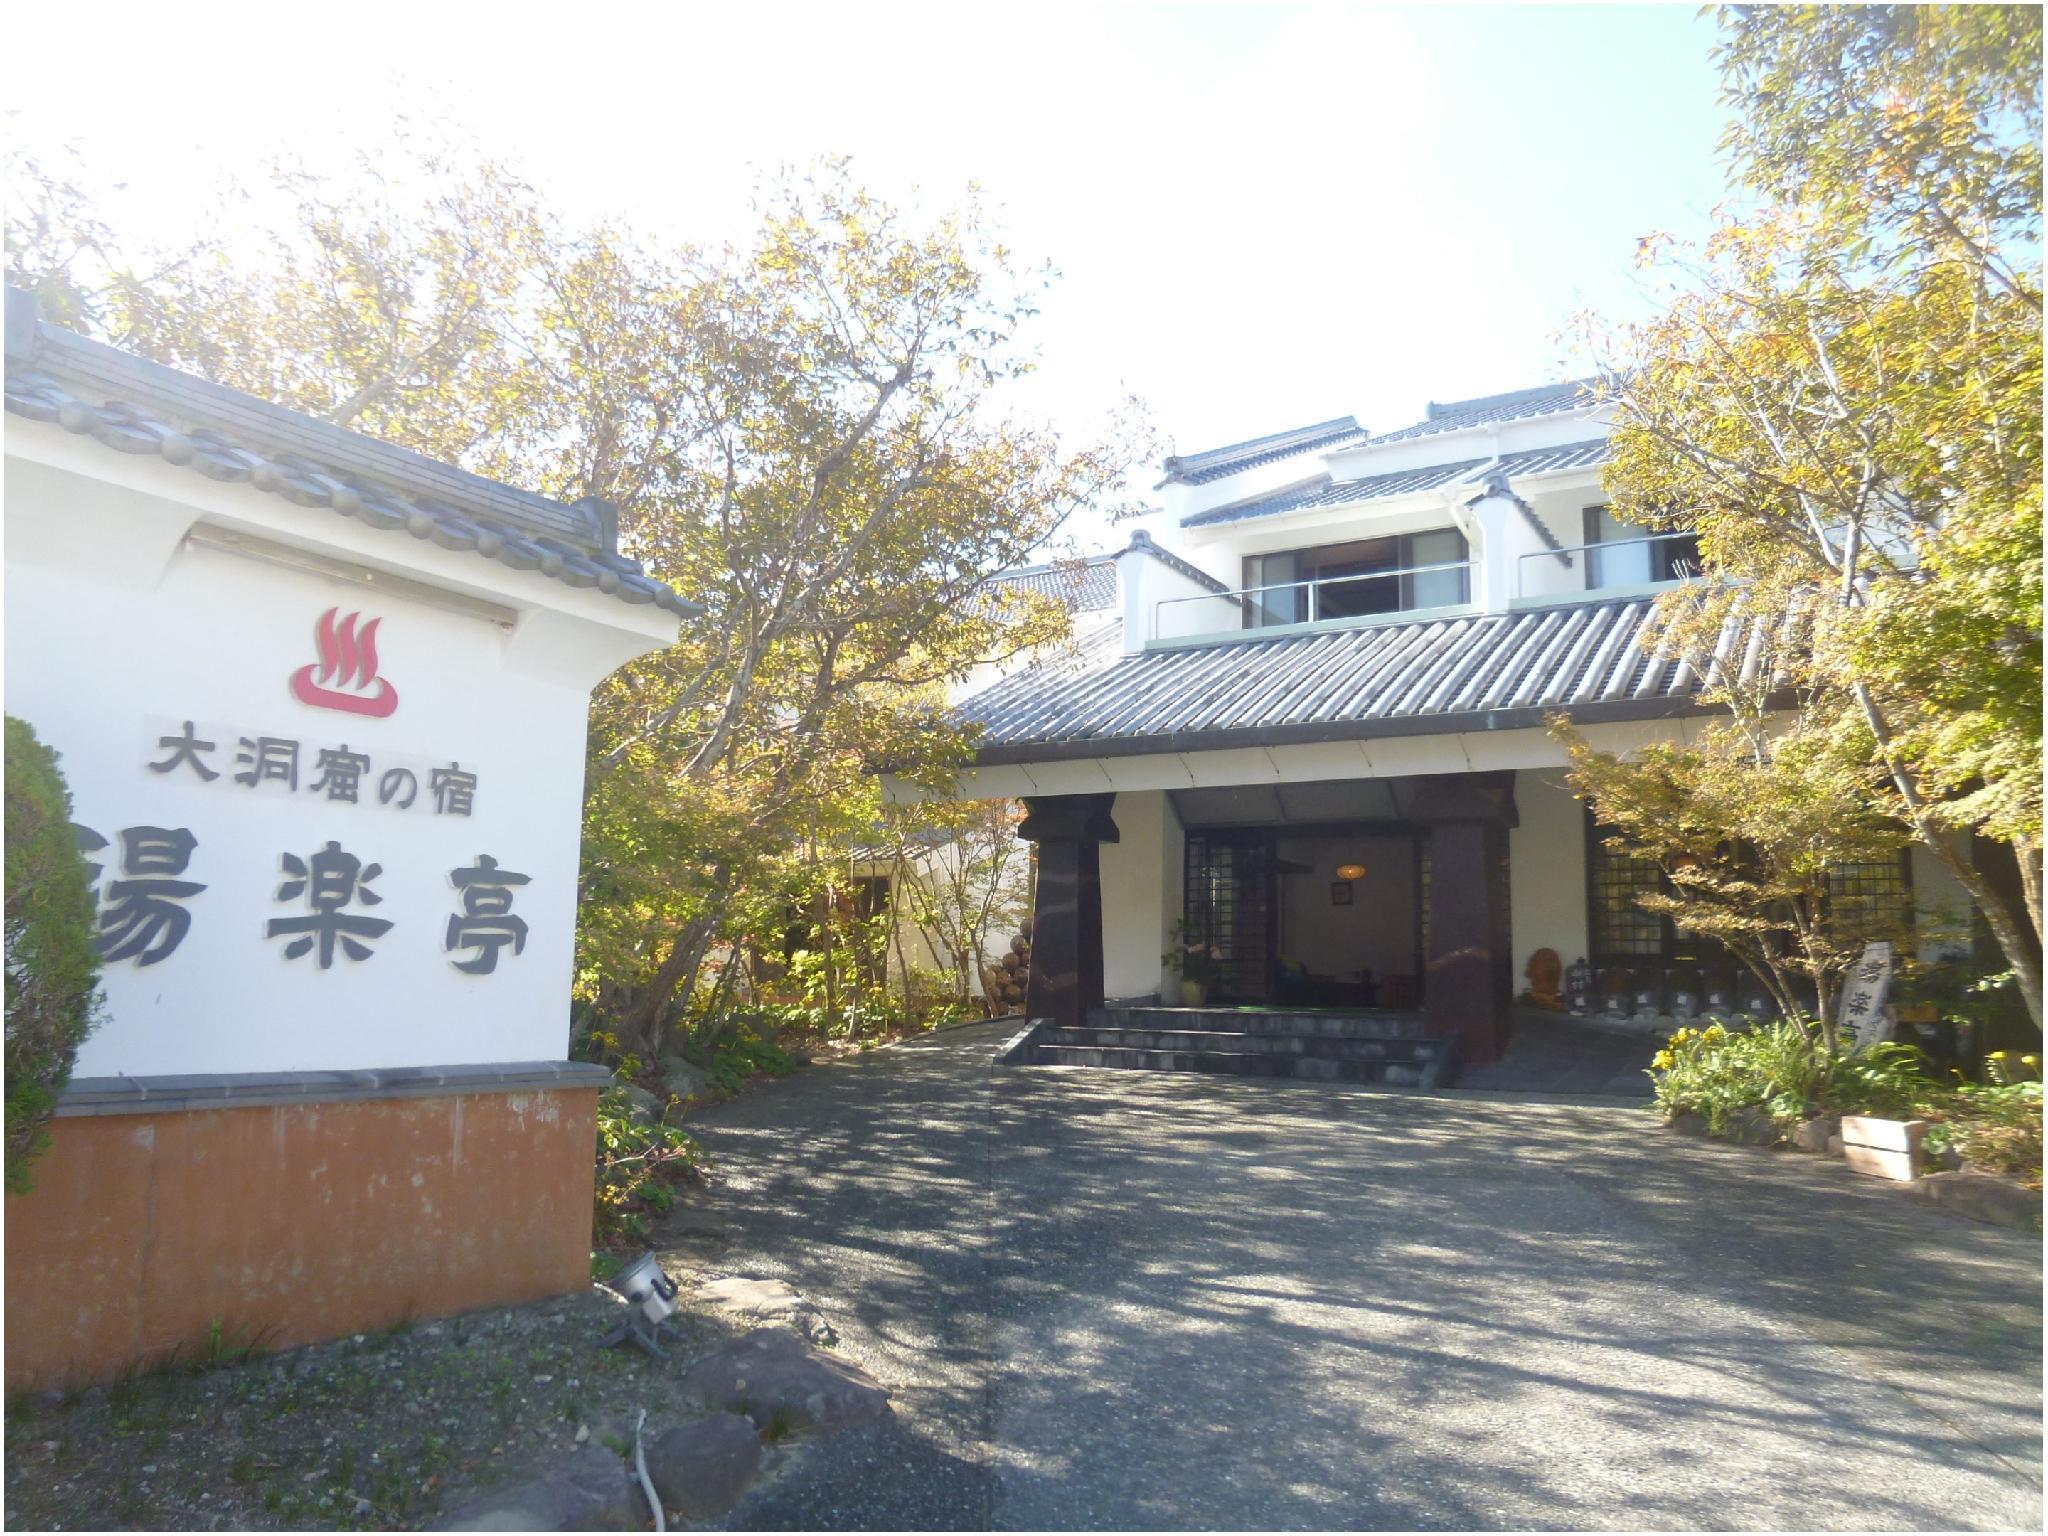 Daidokutsu No Yado Yurakutei